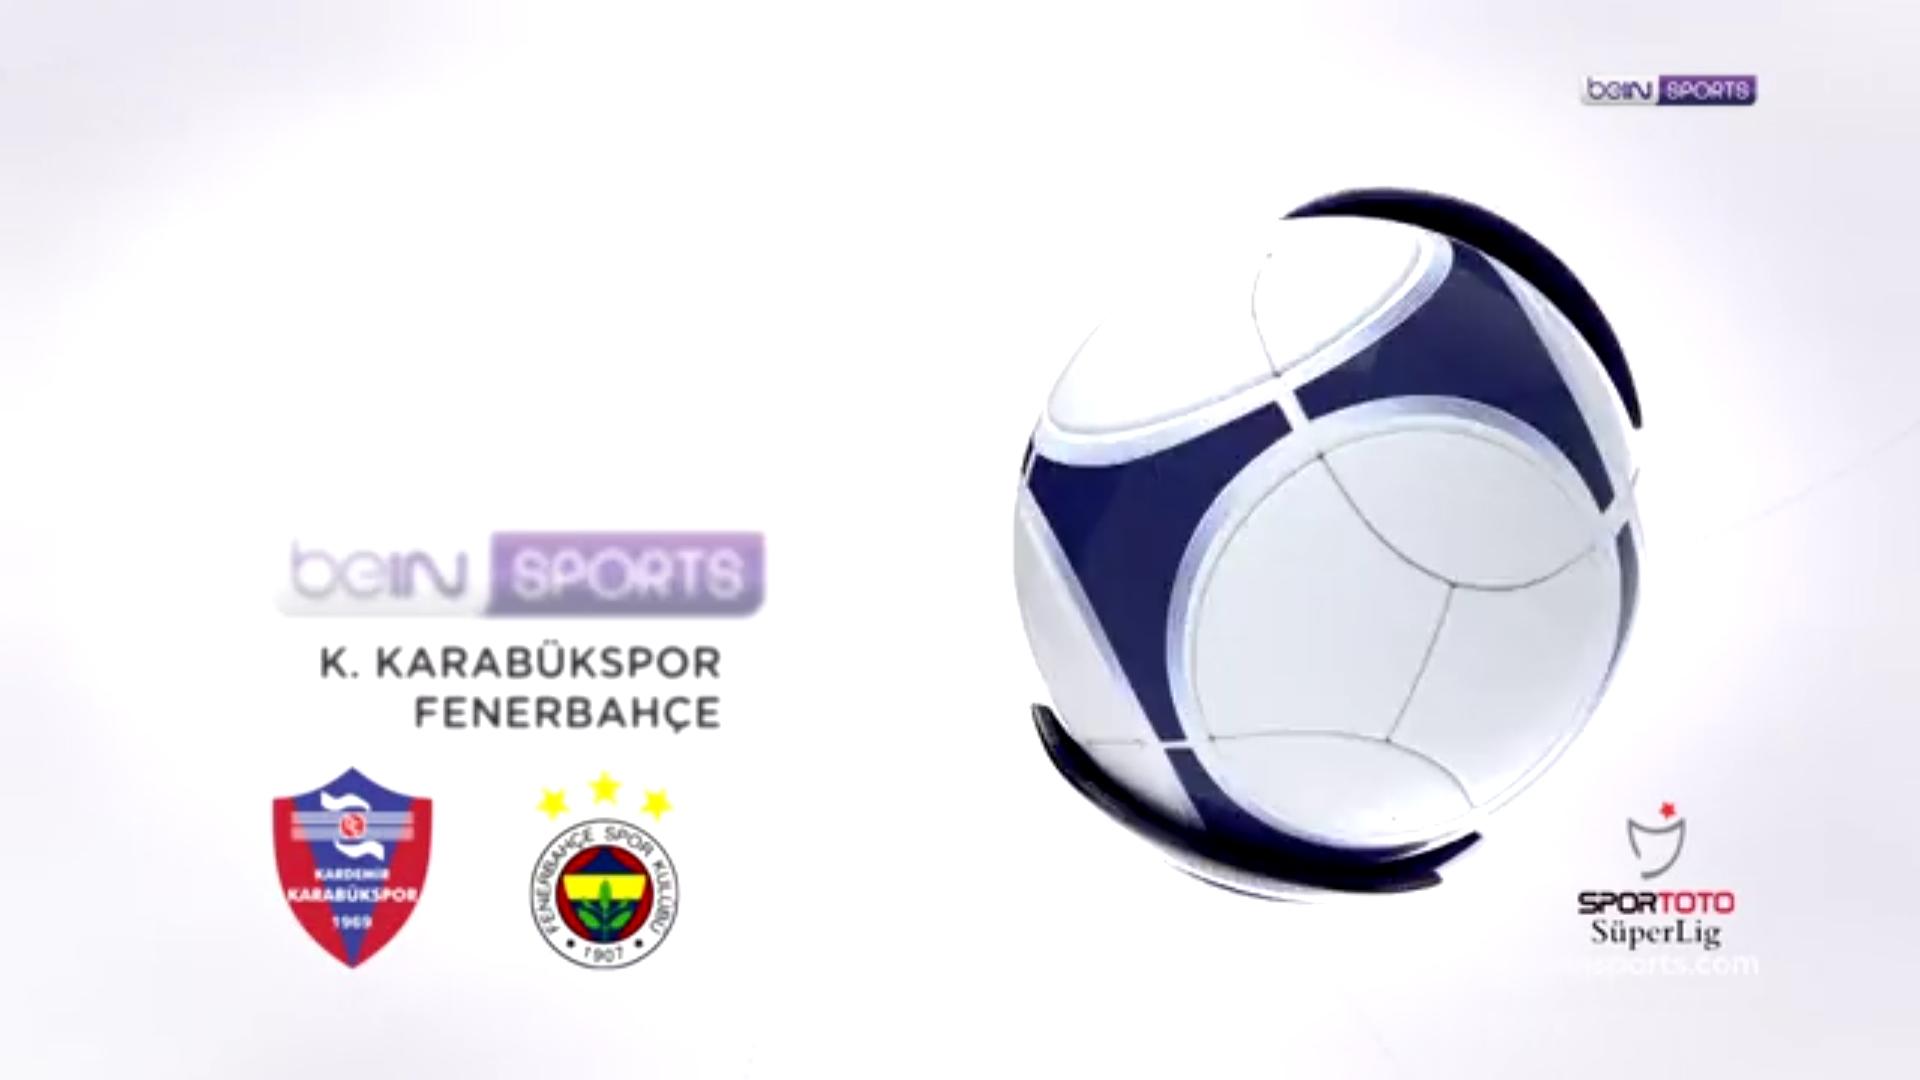 14-05-2018 - Karabukspor 0-7 Fenerbahce